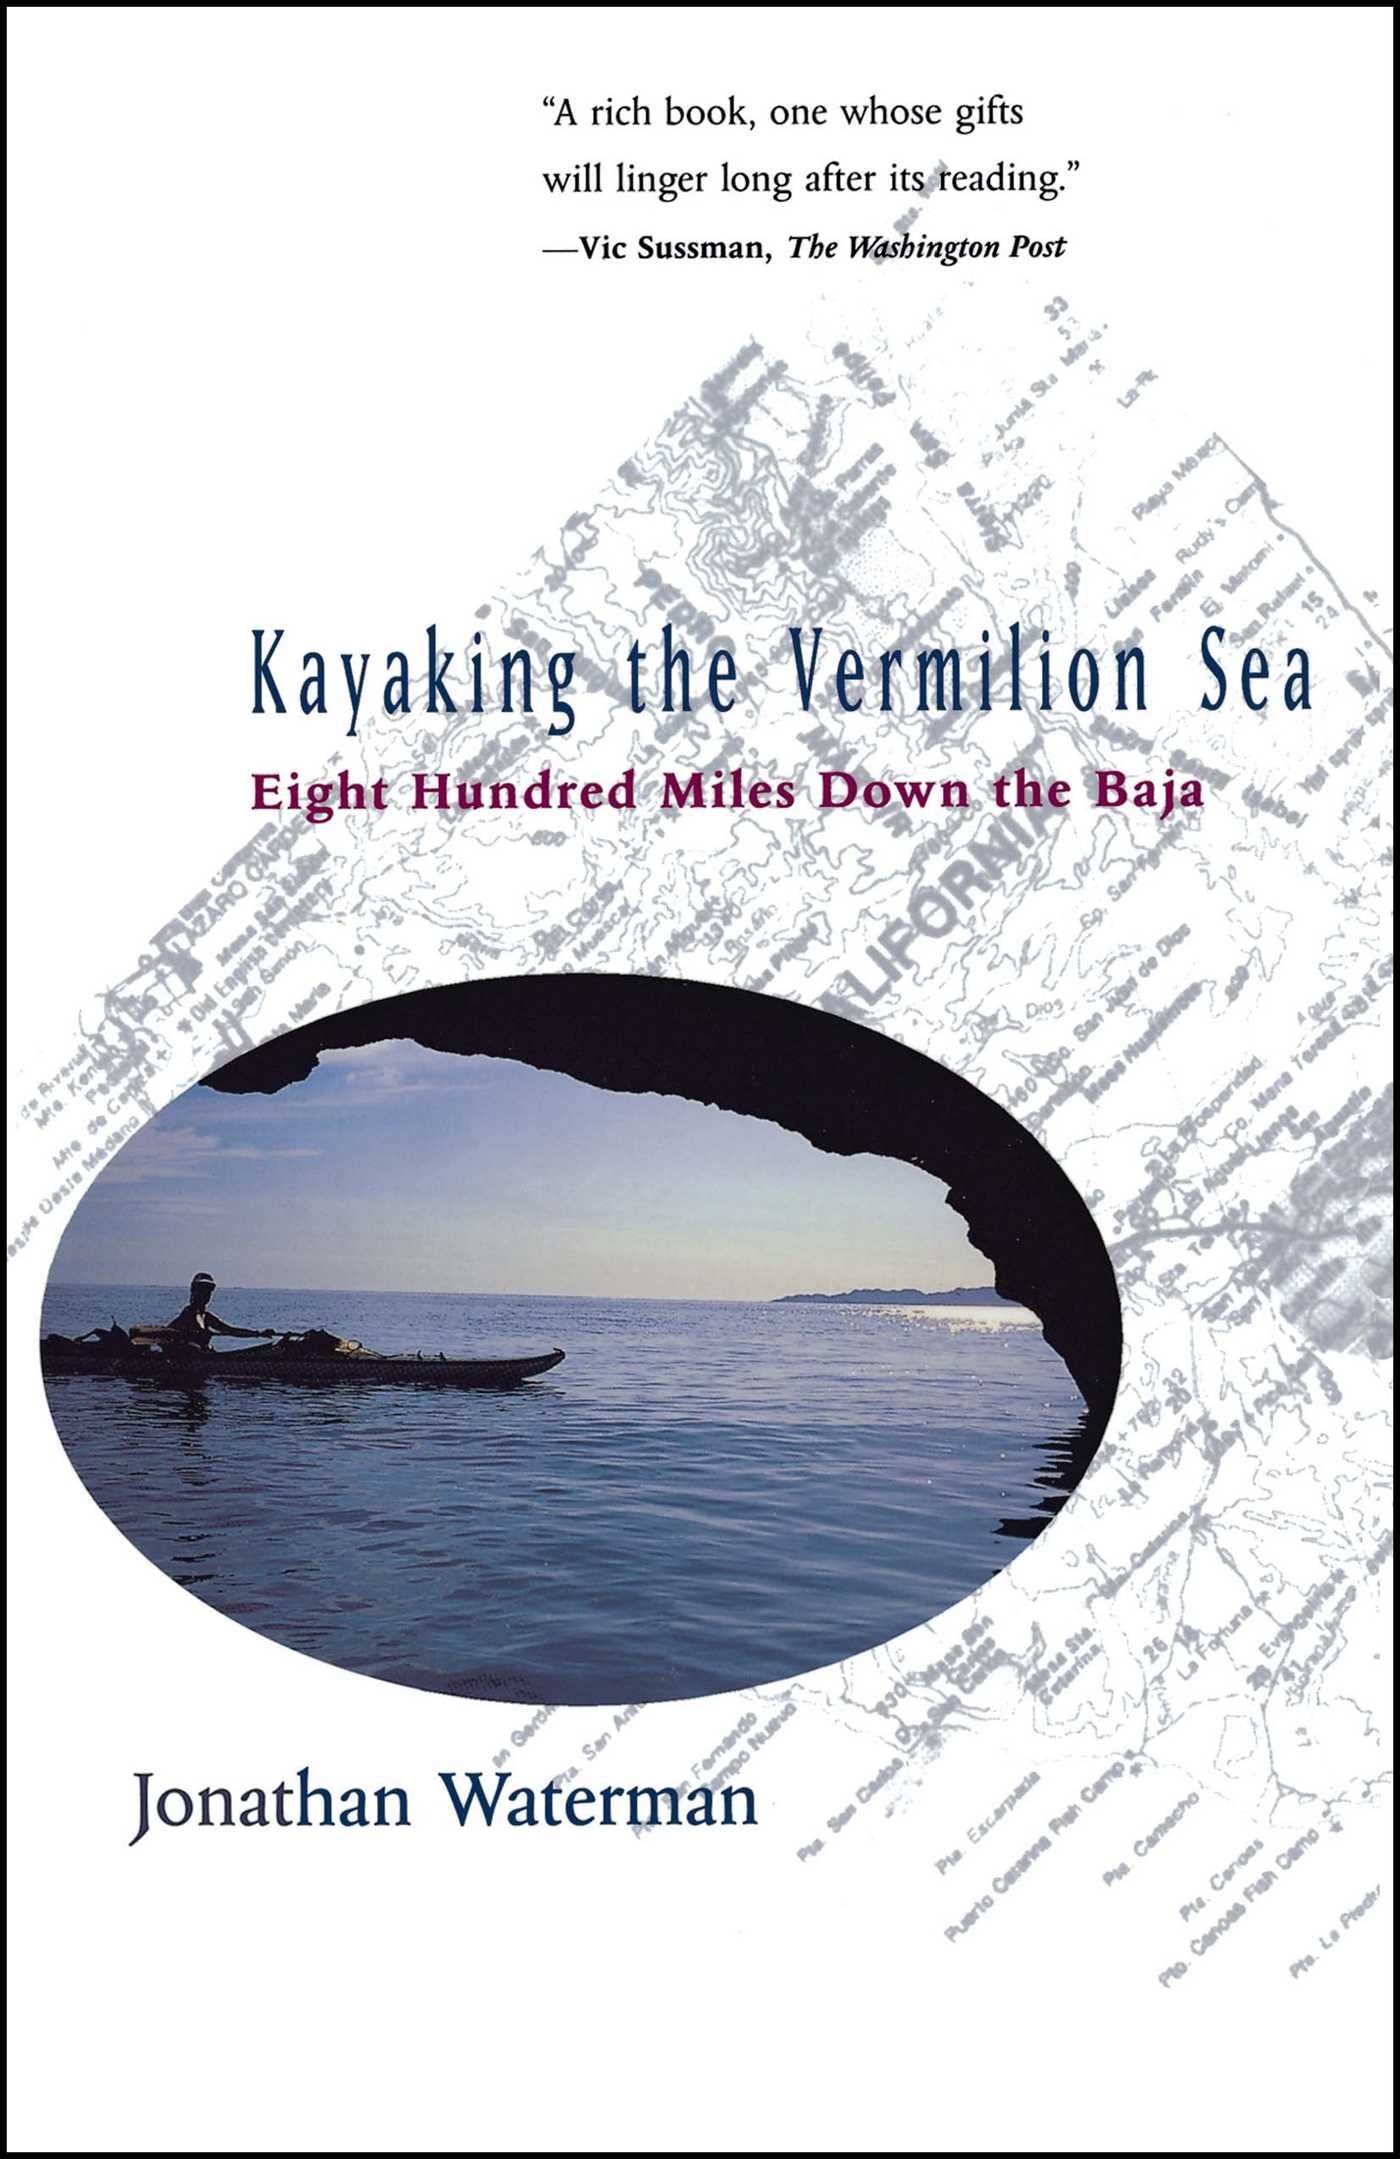 Kayaking the vermilion sea 9780684803388 hr